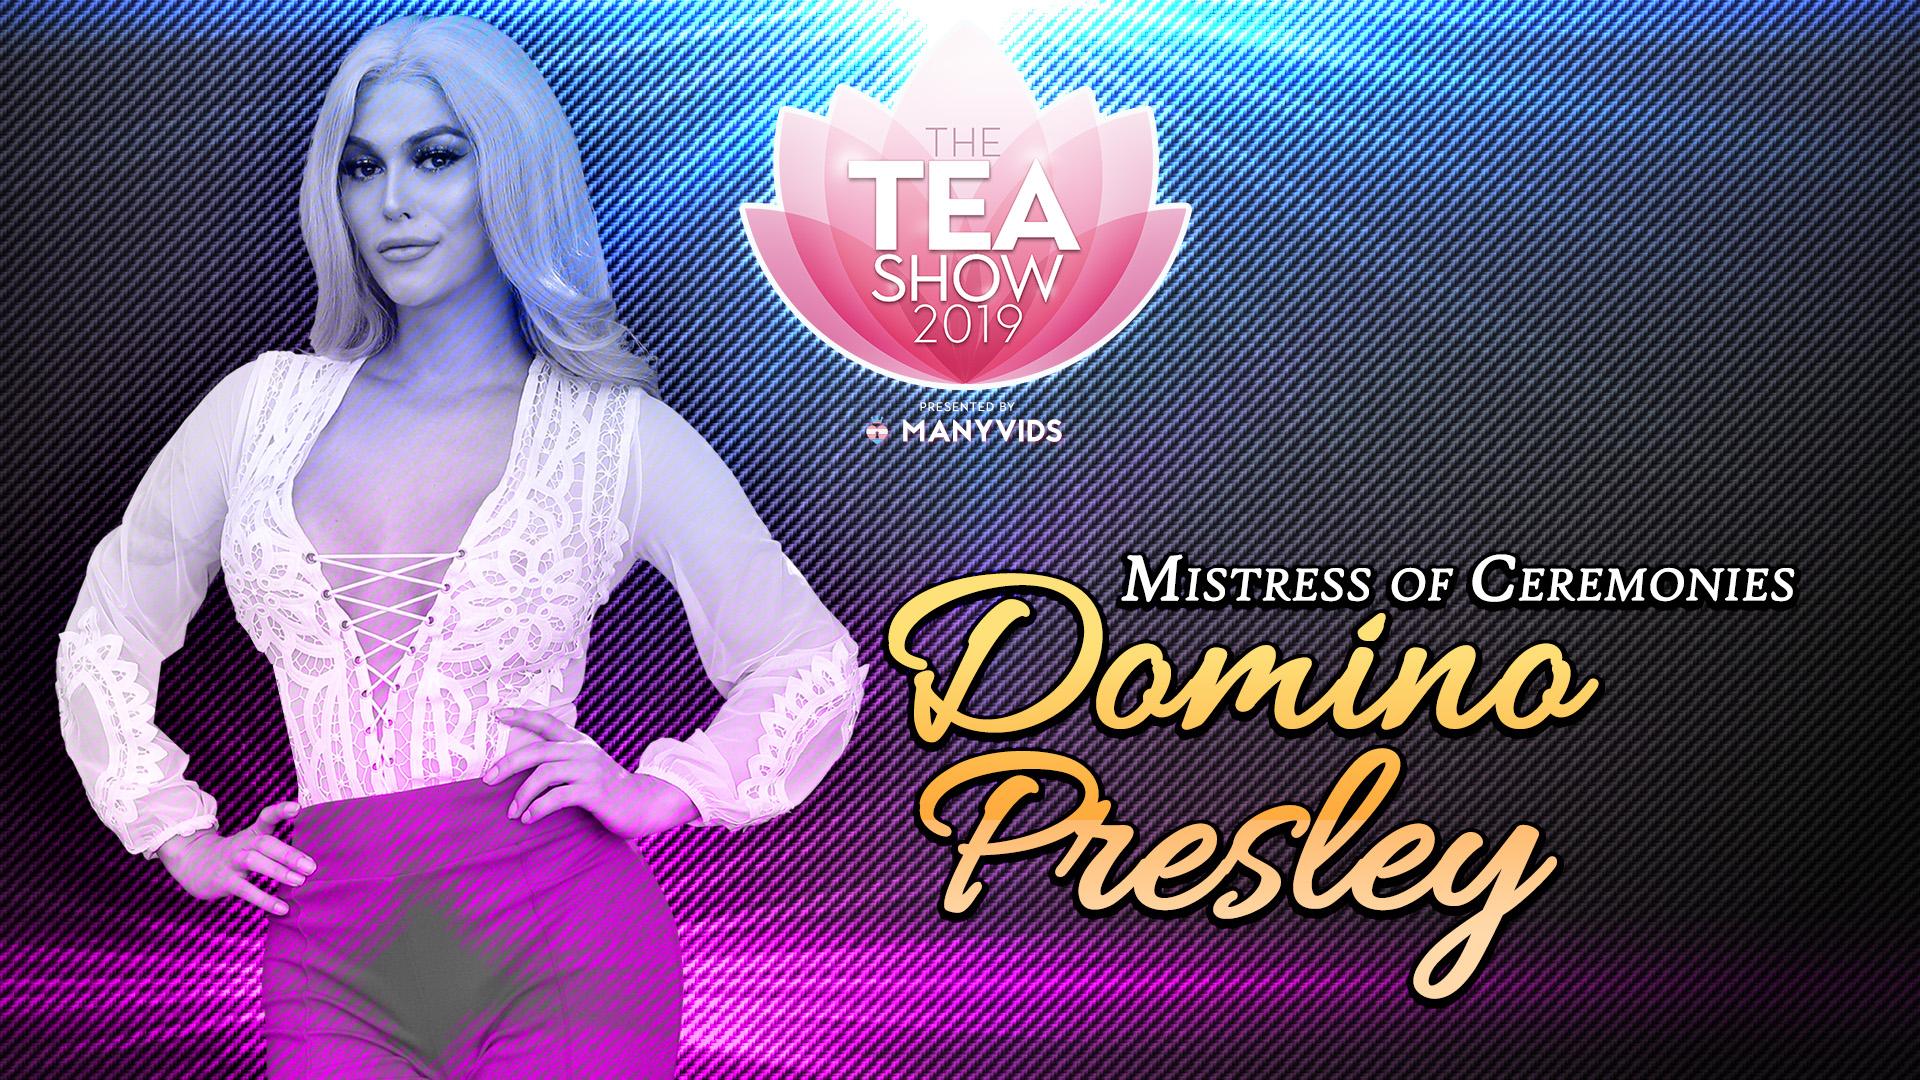 TEA2019 Domino Presley RedCarpet